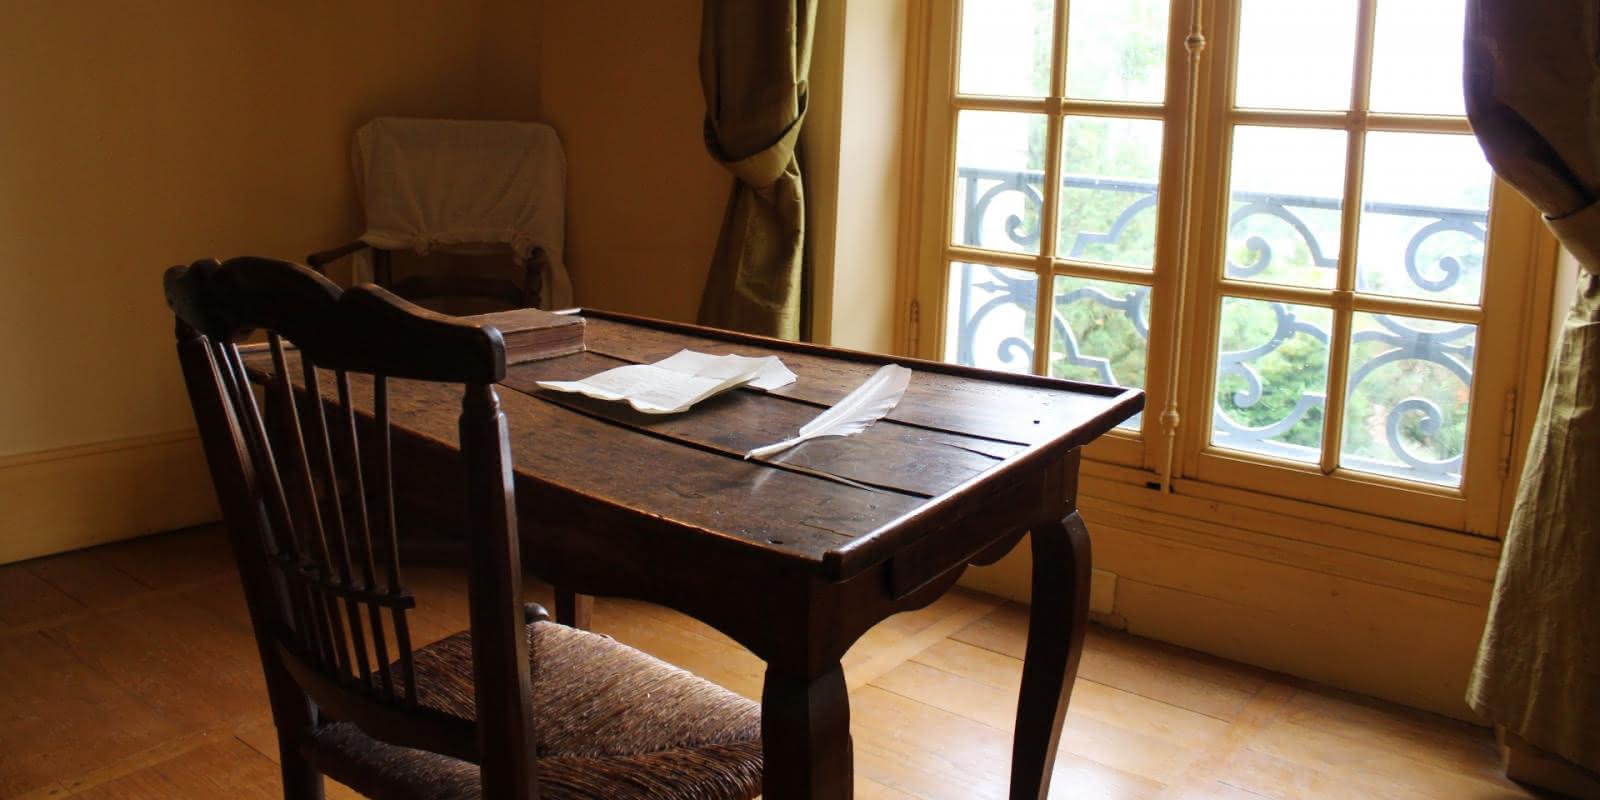 Photo de la chambre de Jean Jacques Rousseau avec son portrait au mur et son bureau